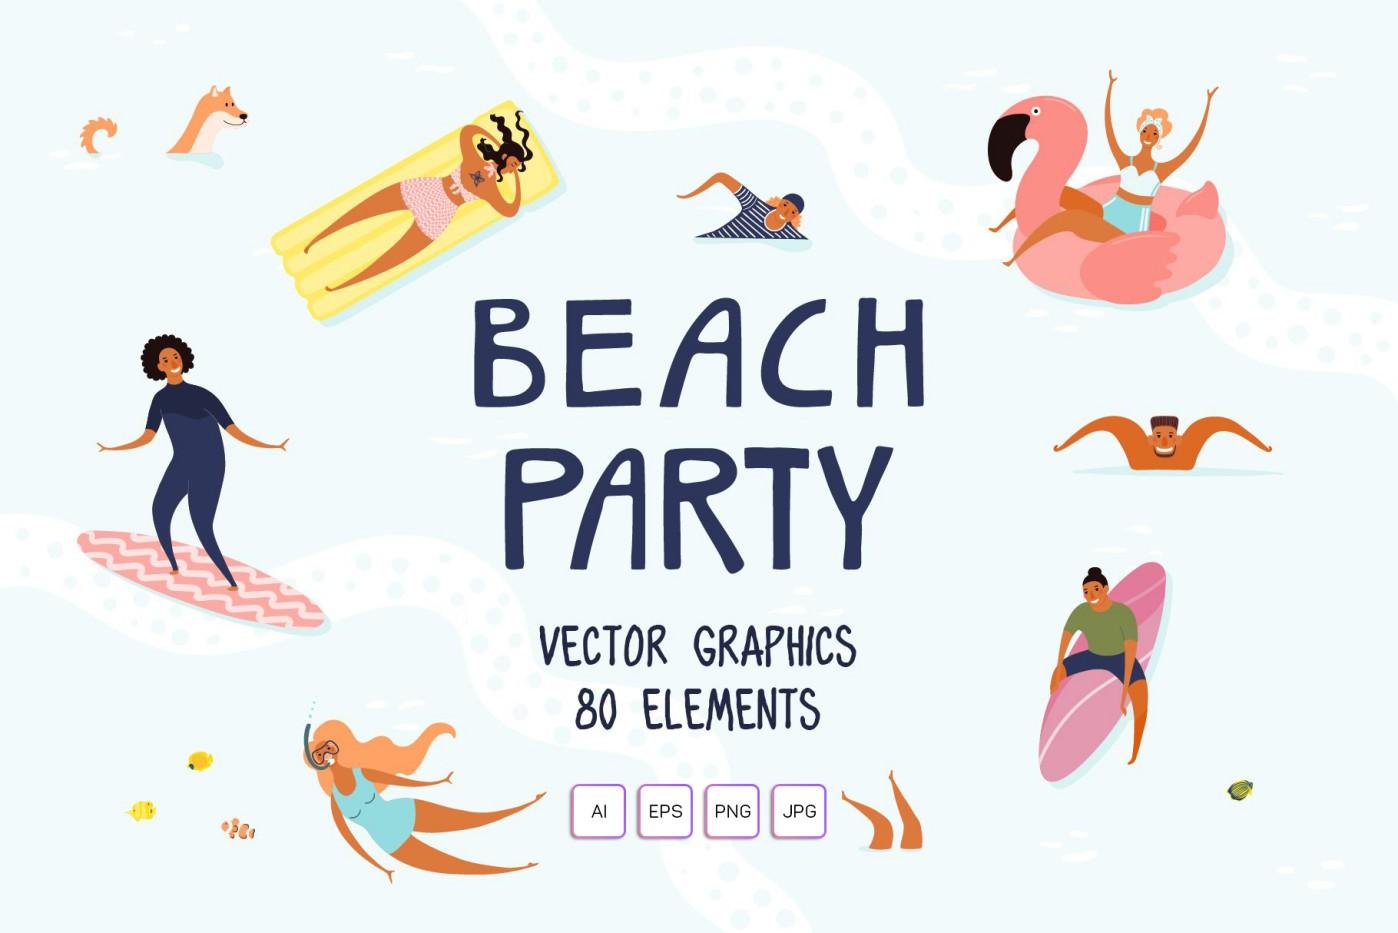 Beach Party, Summer Vector Art | Летняя векторная иллюстрация, пляжная вечеринка